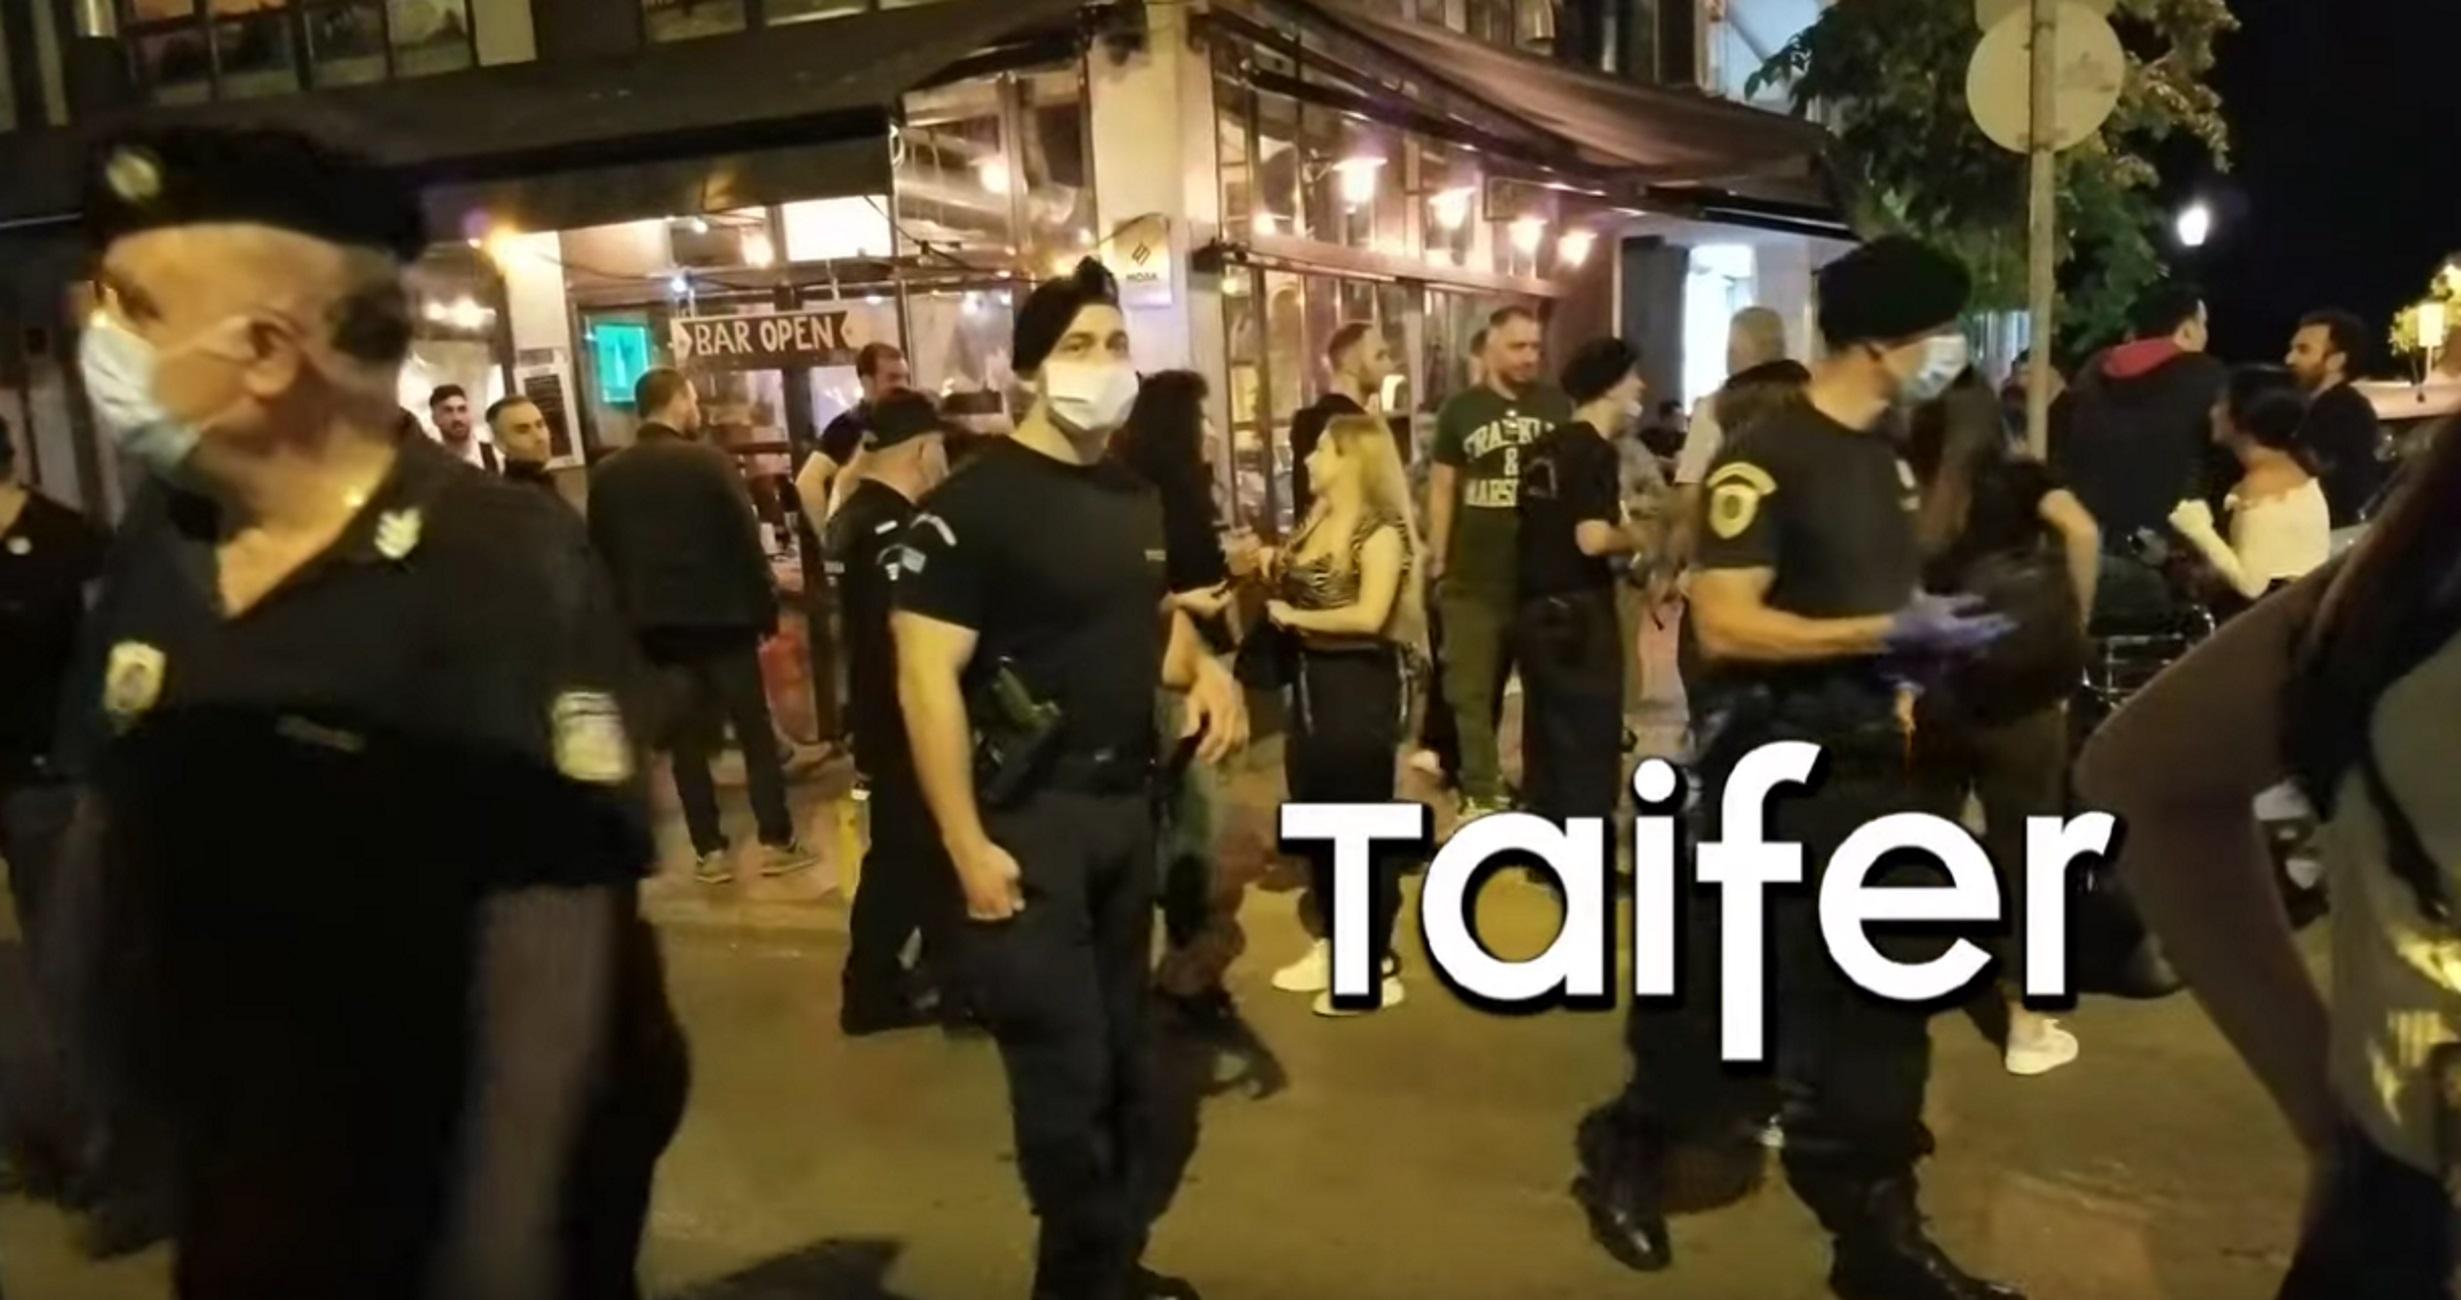 Θεσσαλονίκη: Αμετανόητοι με τα ποτά στο χέρι! Ο συνωστισμός και η στιγμή που φτάνει η αστυνομία (Βίντεο)